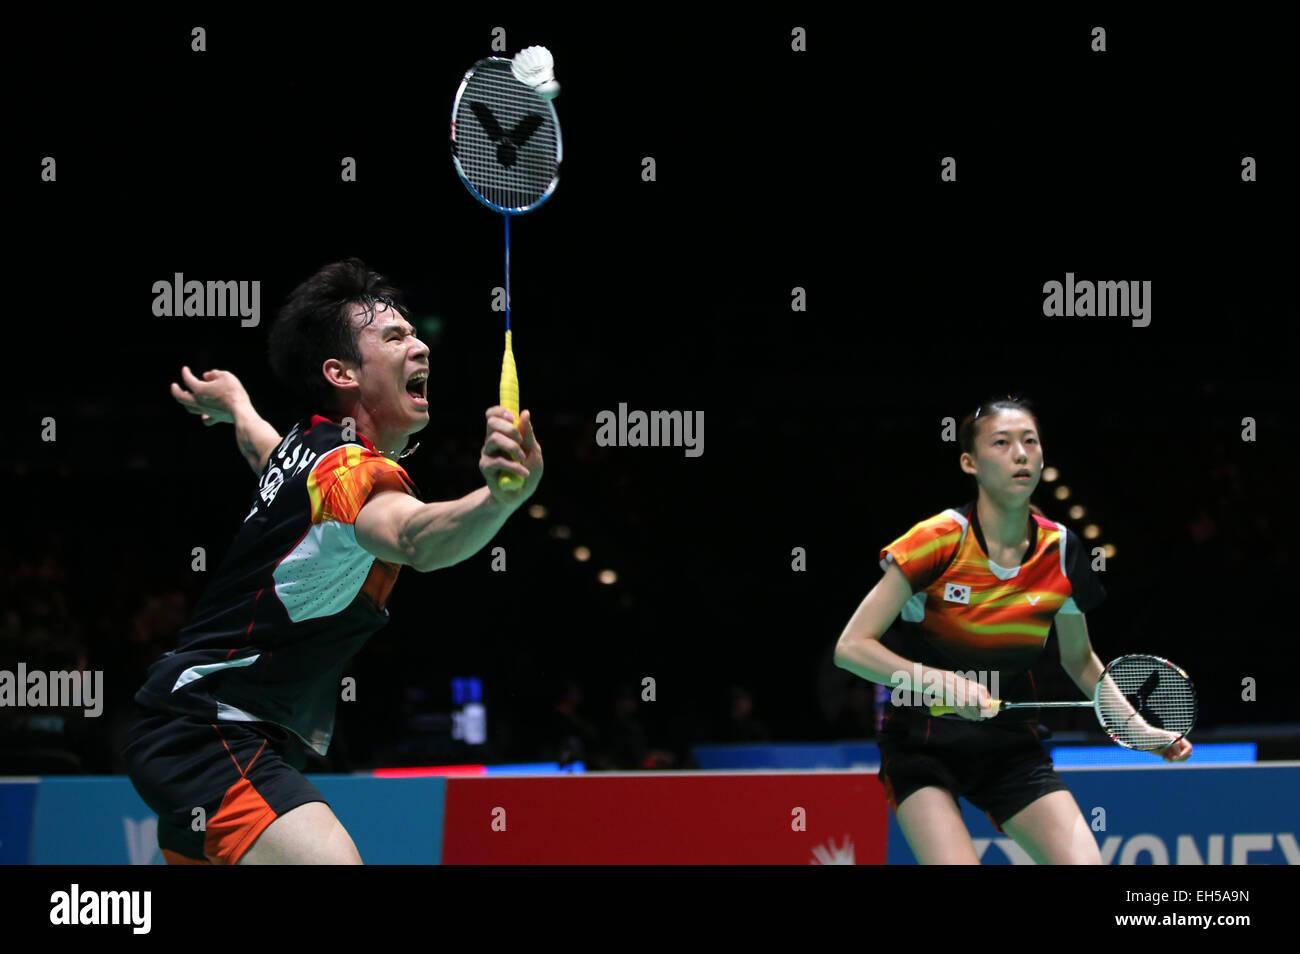 Birmingham Britain 6th Mar 2015 Ko Sung Hyun L and Kim Ha Na